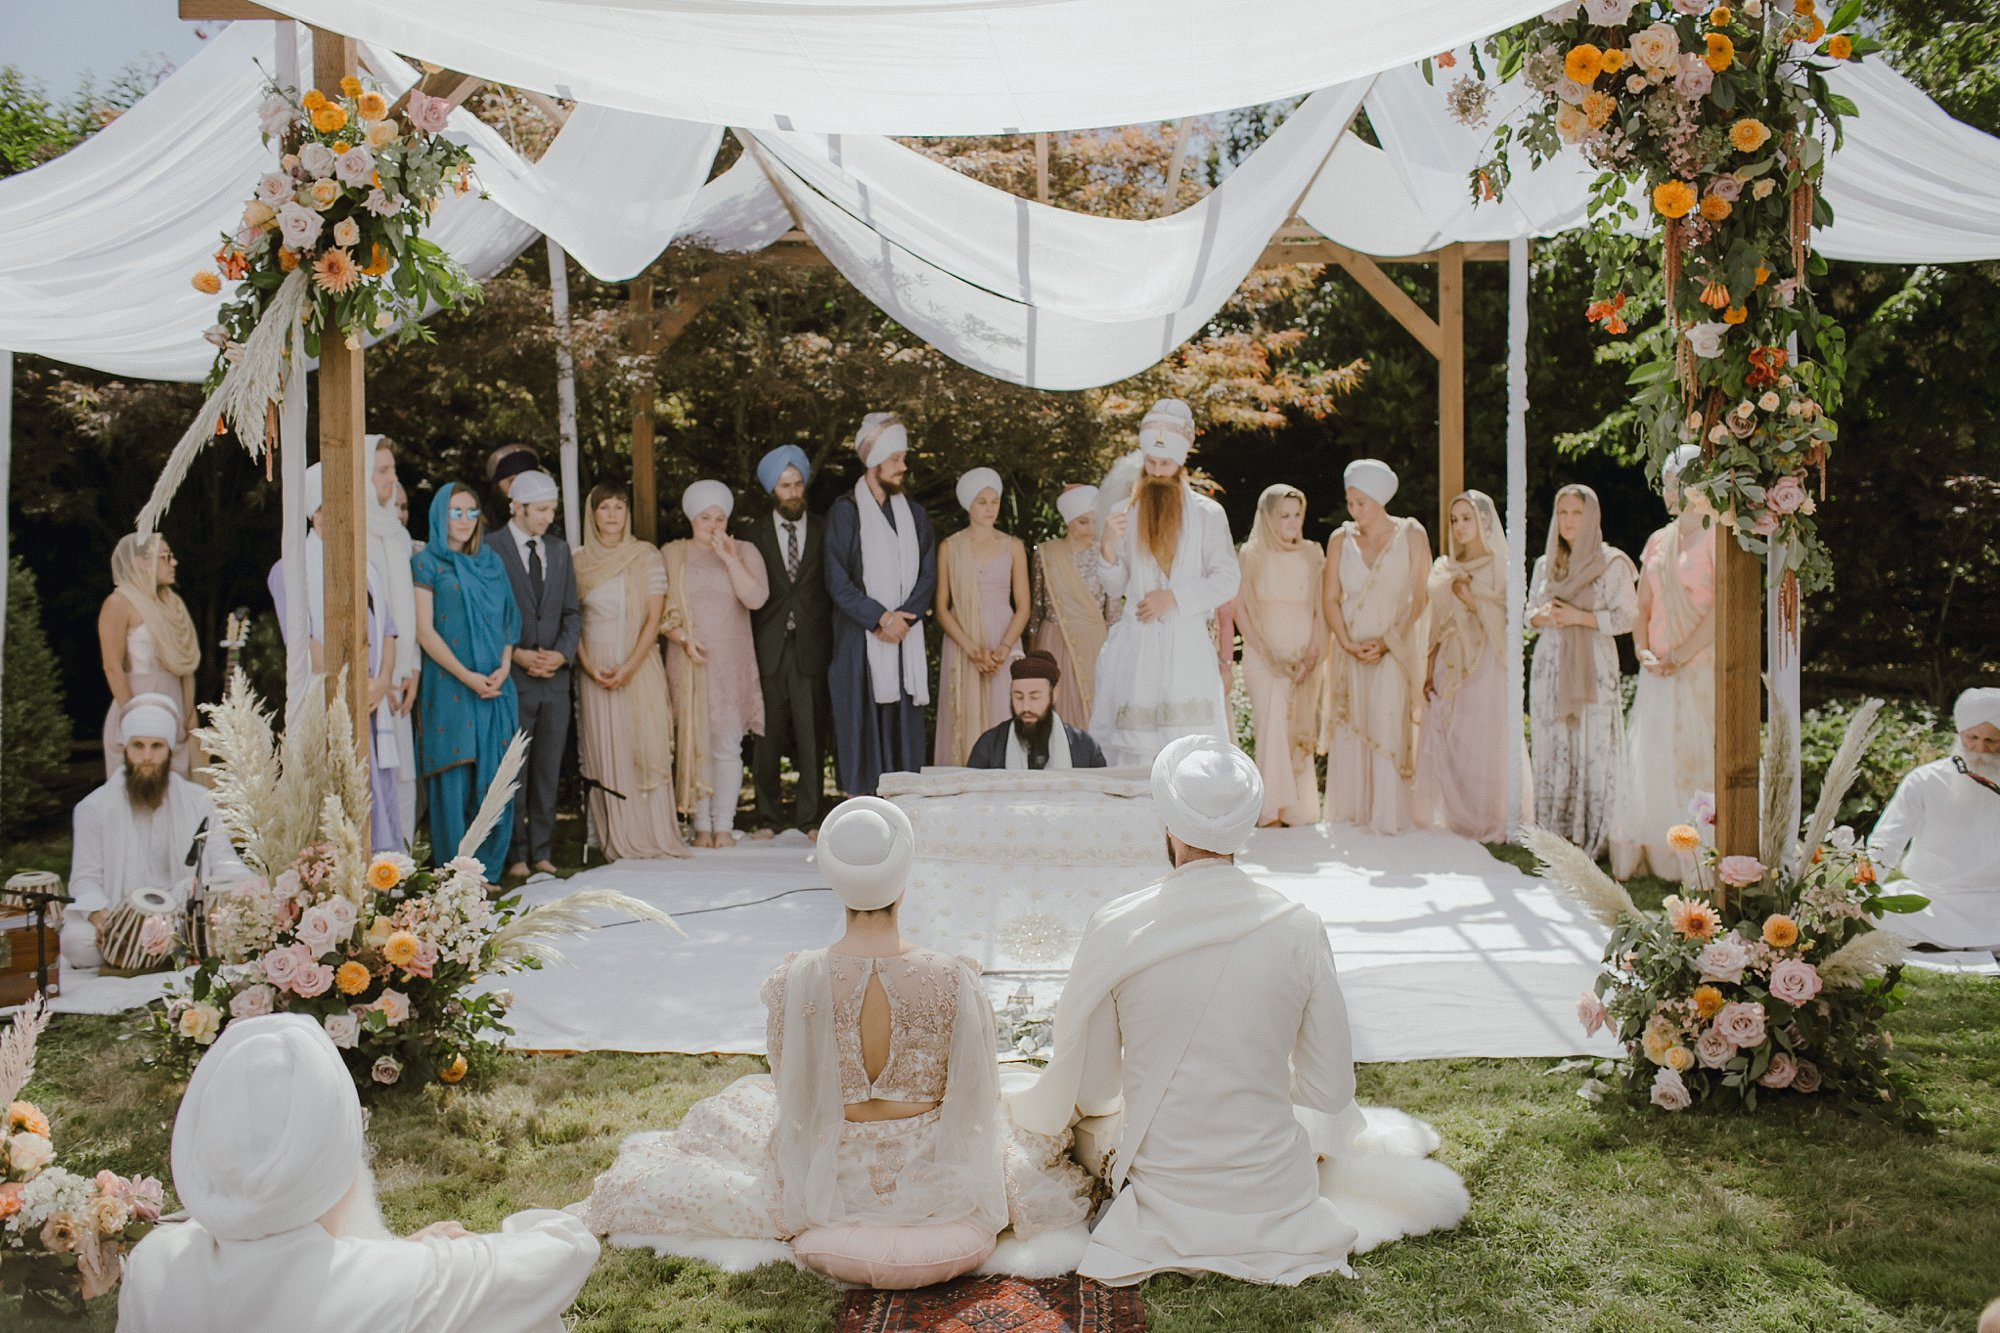 A Sikh wedding in Oregon